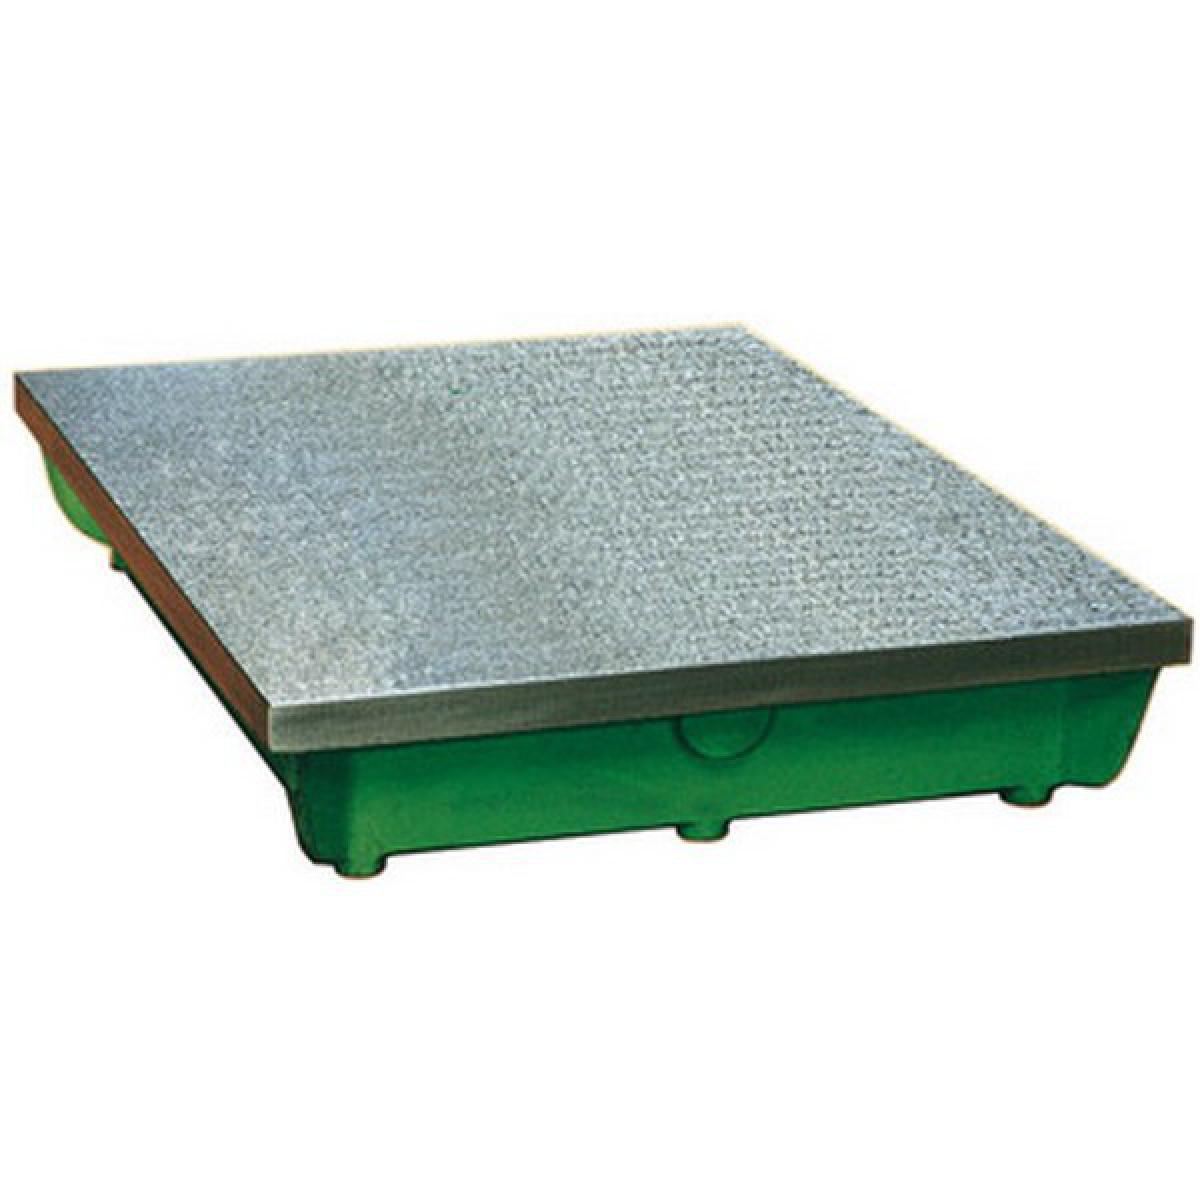 Protec Plaque à tracer et à dresser, qualité 1, Taille : 300 x 300 mm, Précision µm qualité 1 13, Poids env. 15 kg